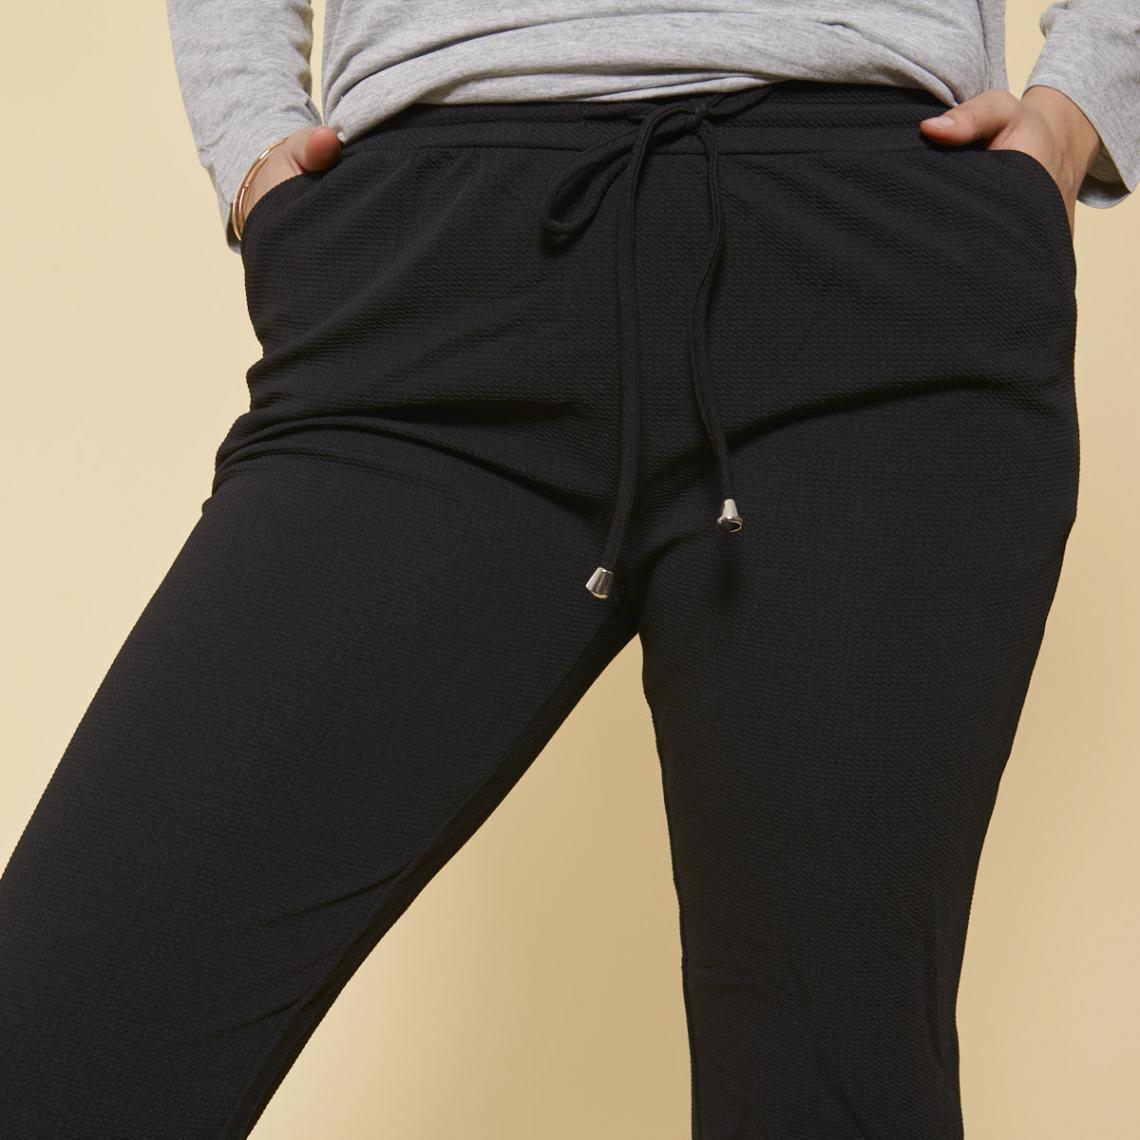 27ab7a6f0d9 Pantalon taille élastique et cordon poches grandes tailles femme - Noir 3  SUISSES